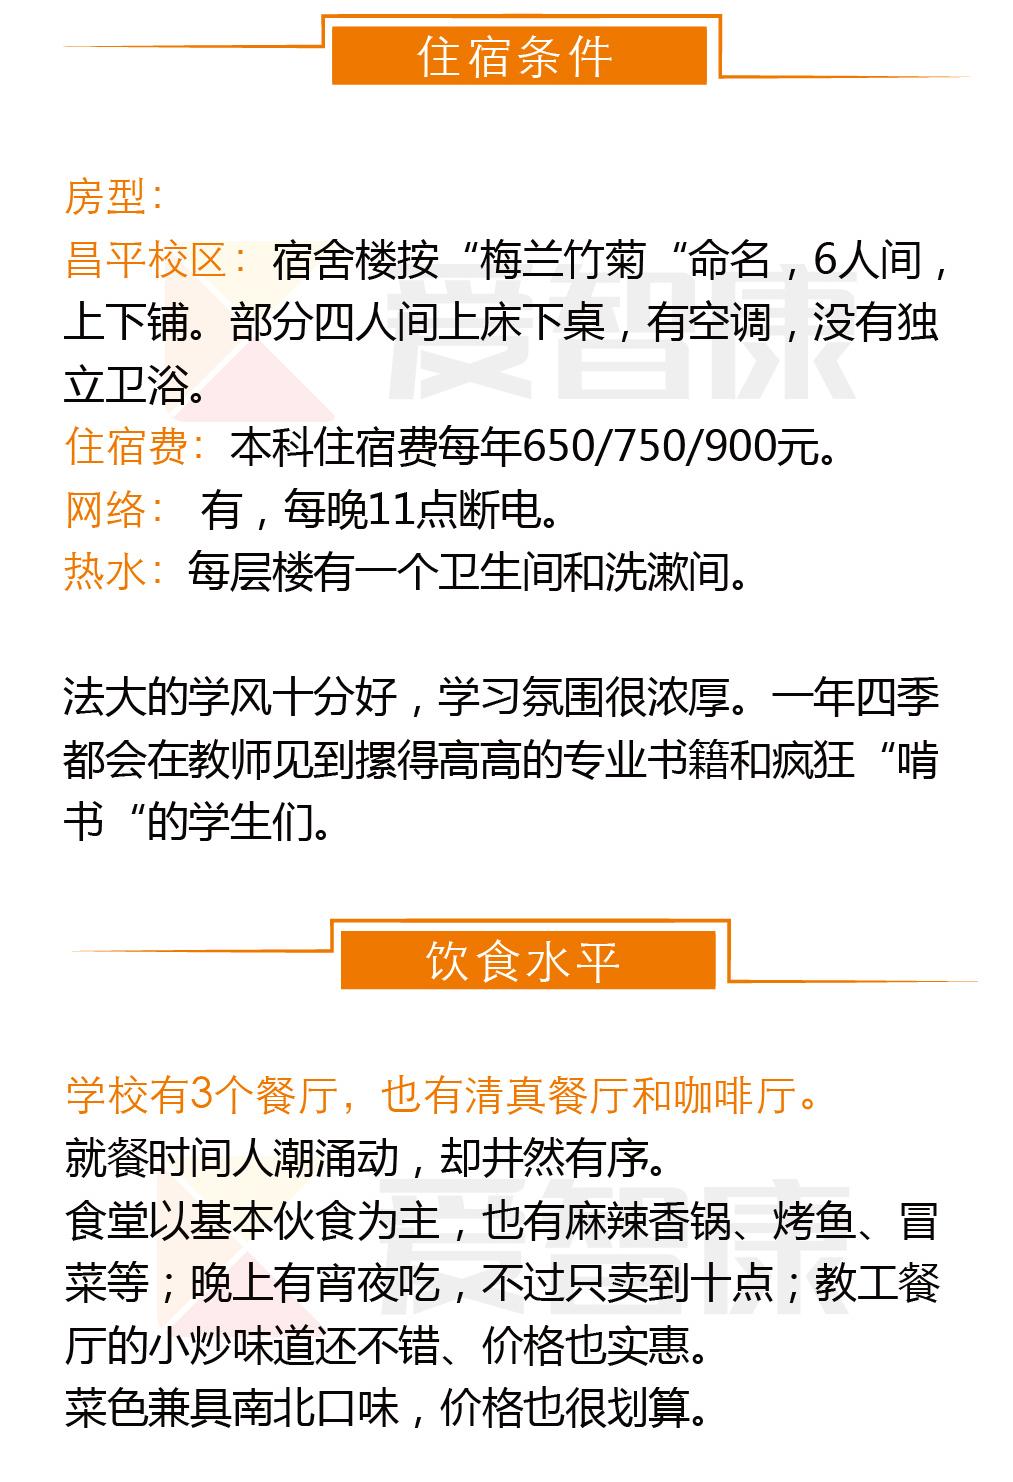 中国政法大学住宿条件